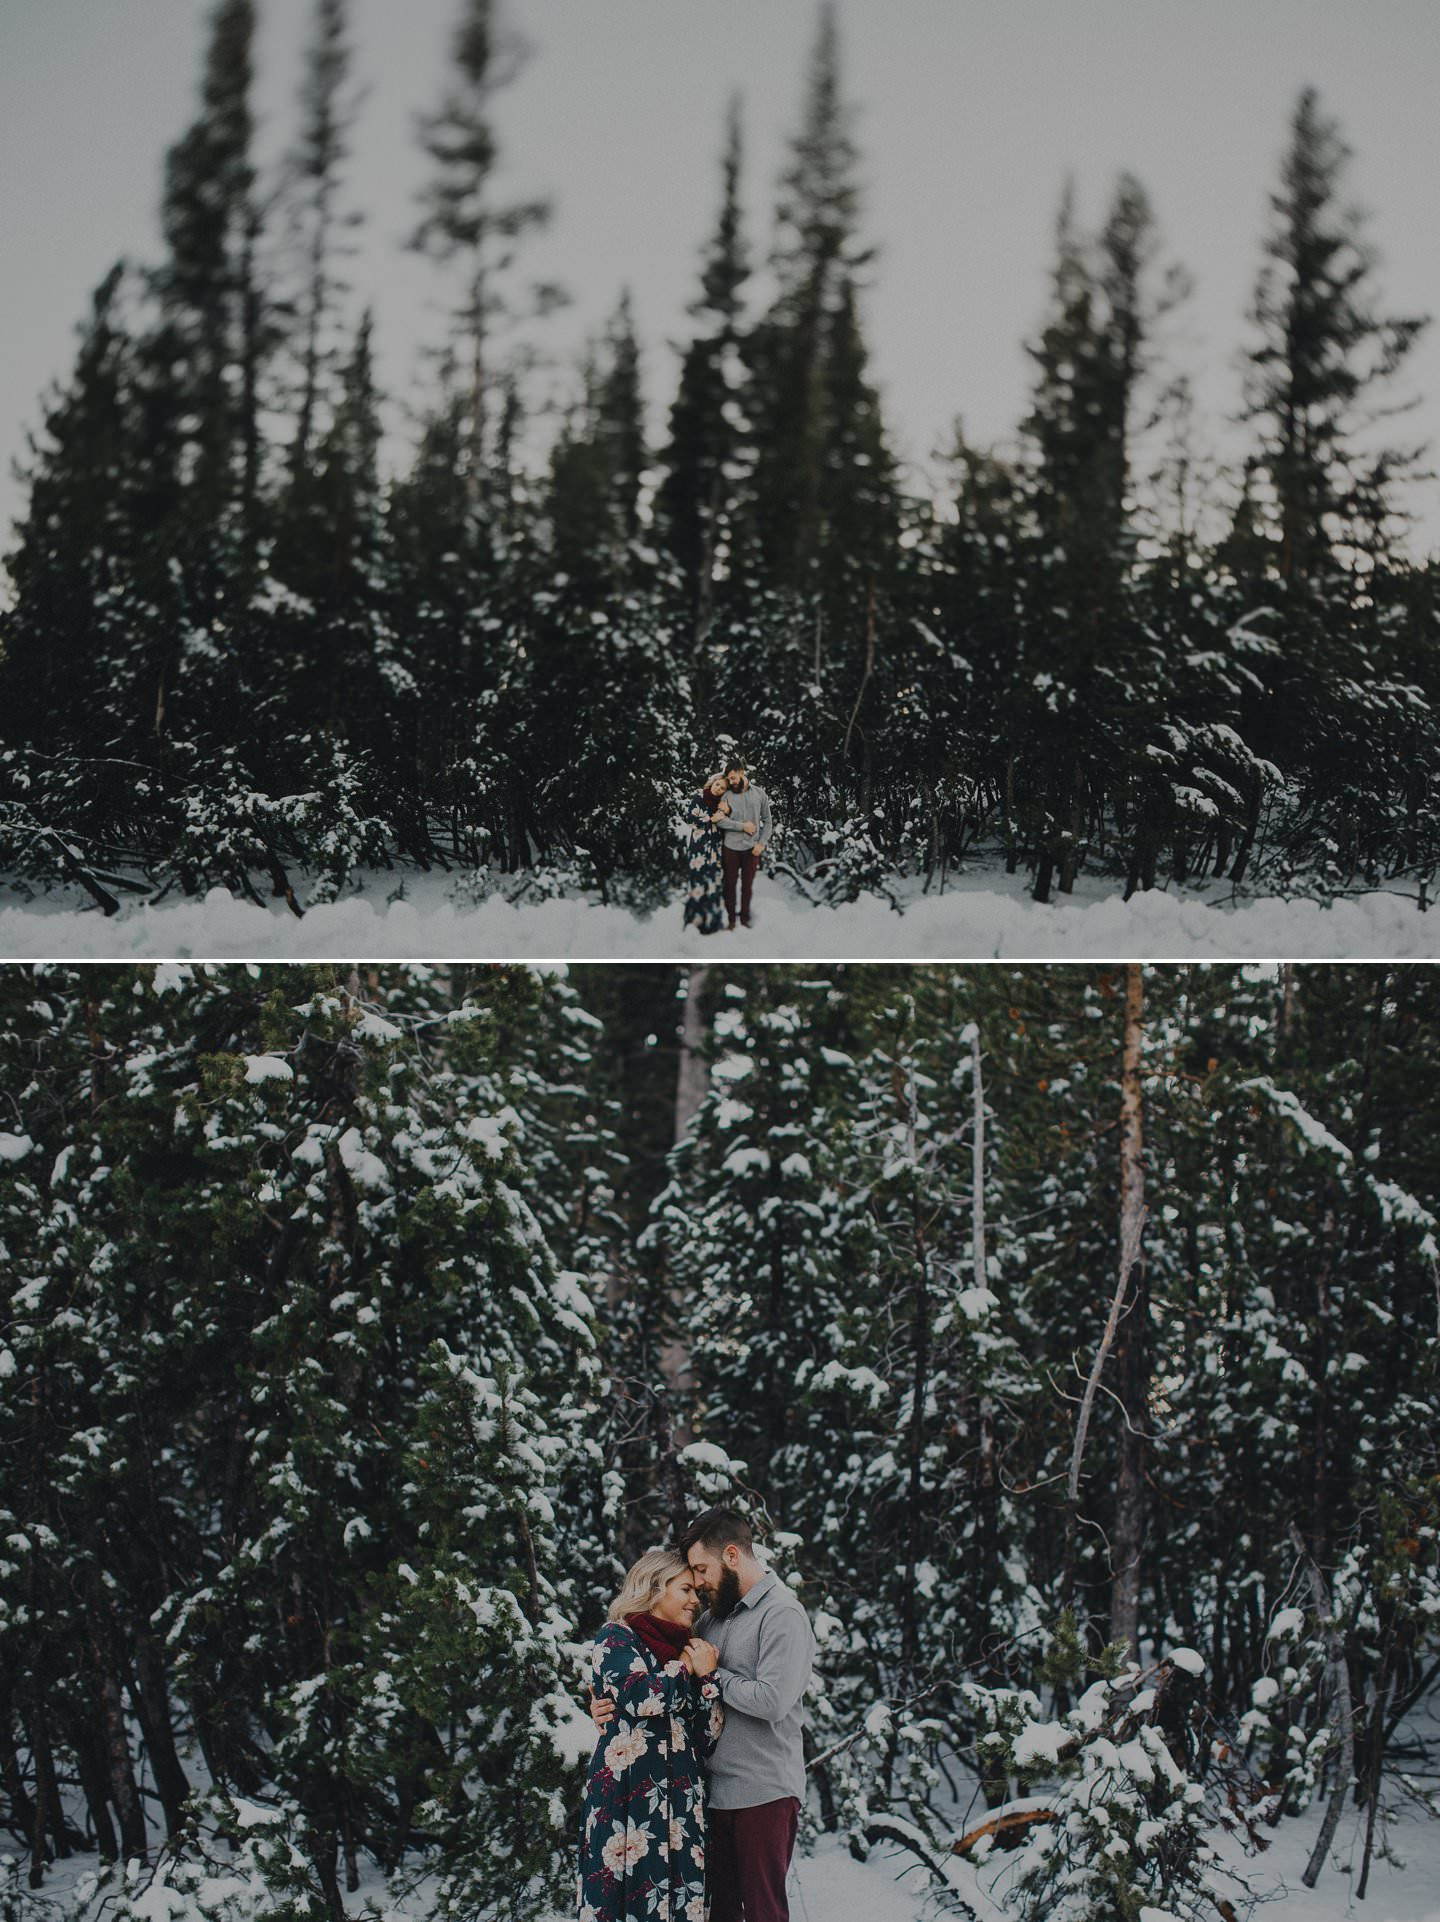 Winter engagement shoot ideas